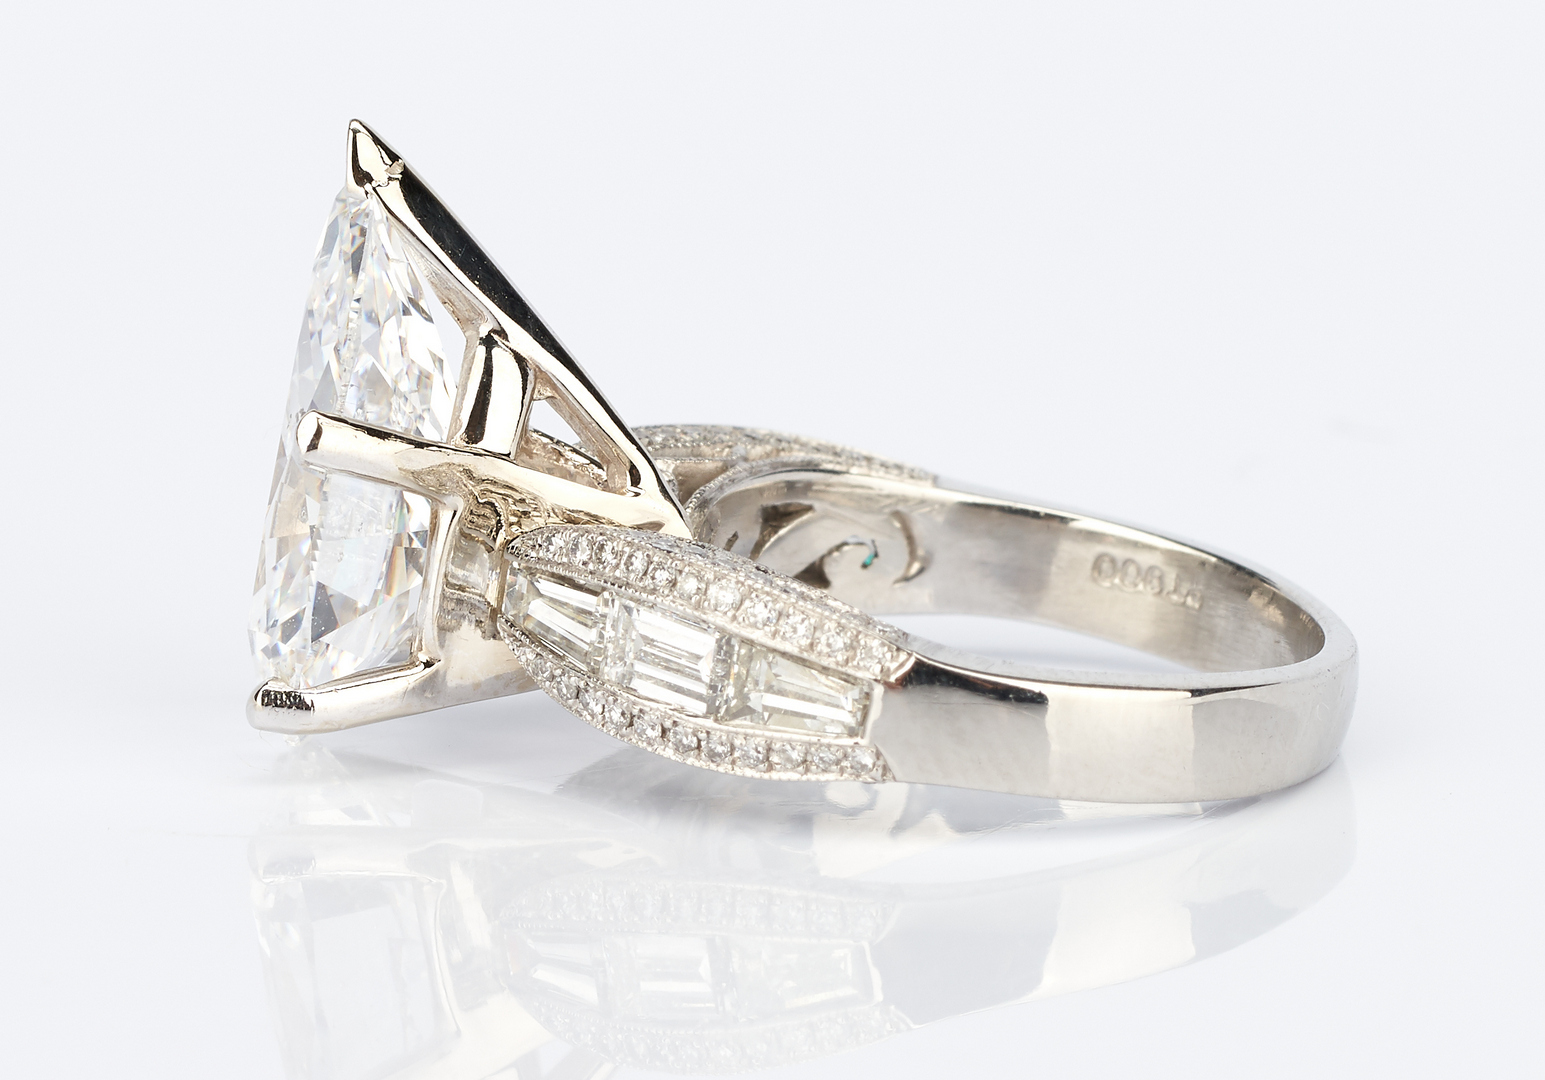 Lot 32: Ladies Platinum & 6 Carat Diamond Engagement Ring